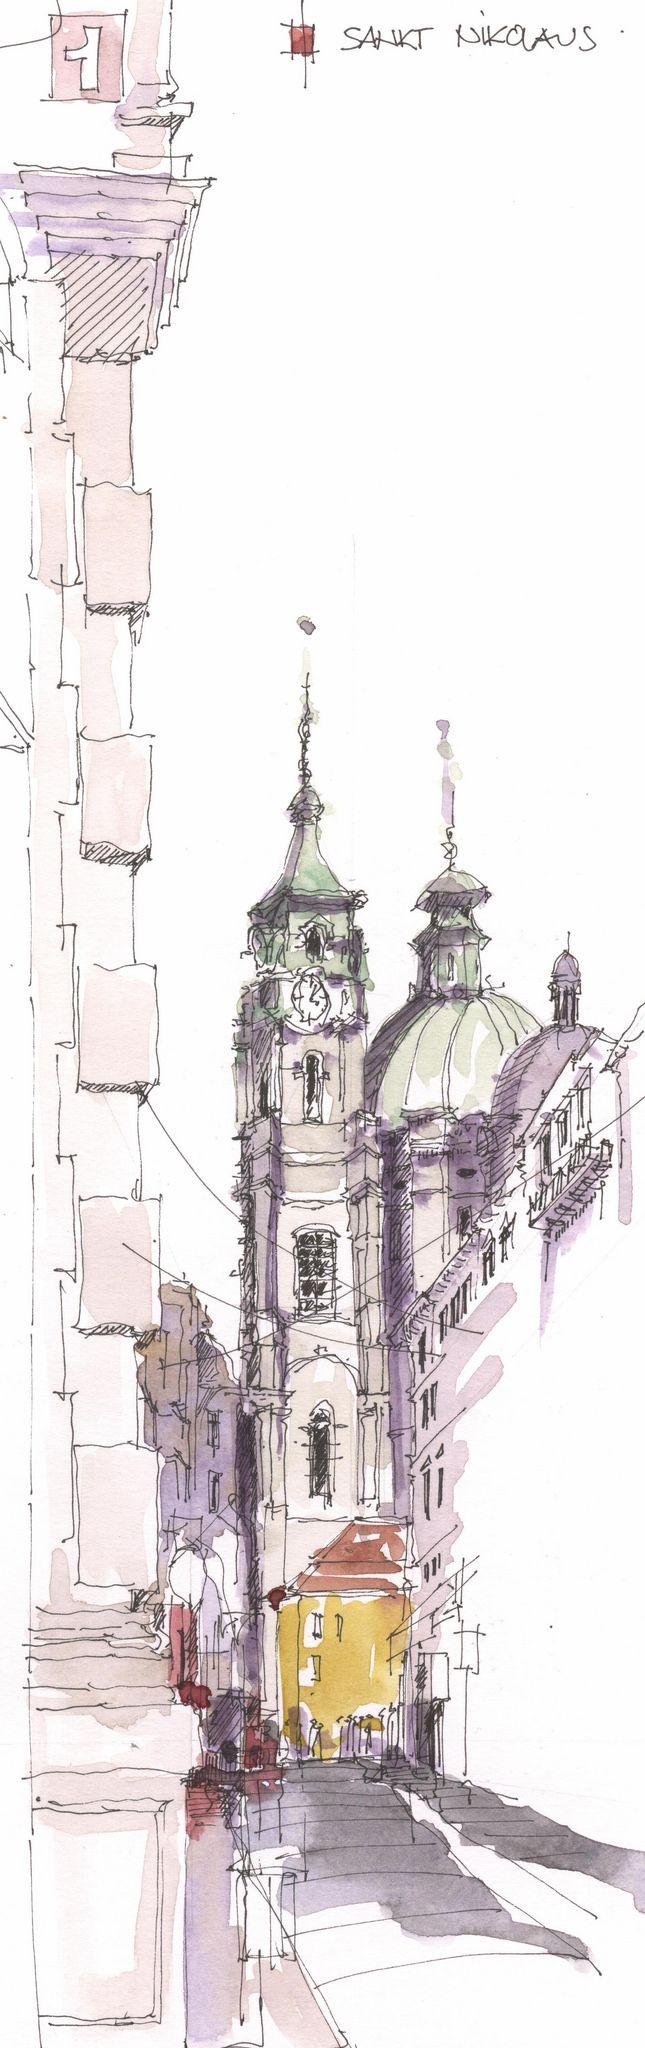 https://flic.kr/p/pZMioa | St NikolausKleinseite, Prag, CZ | Kleinseite, 15.11.2014